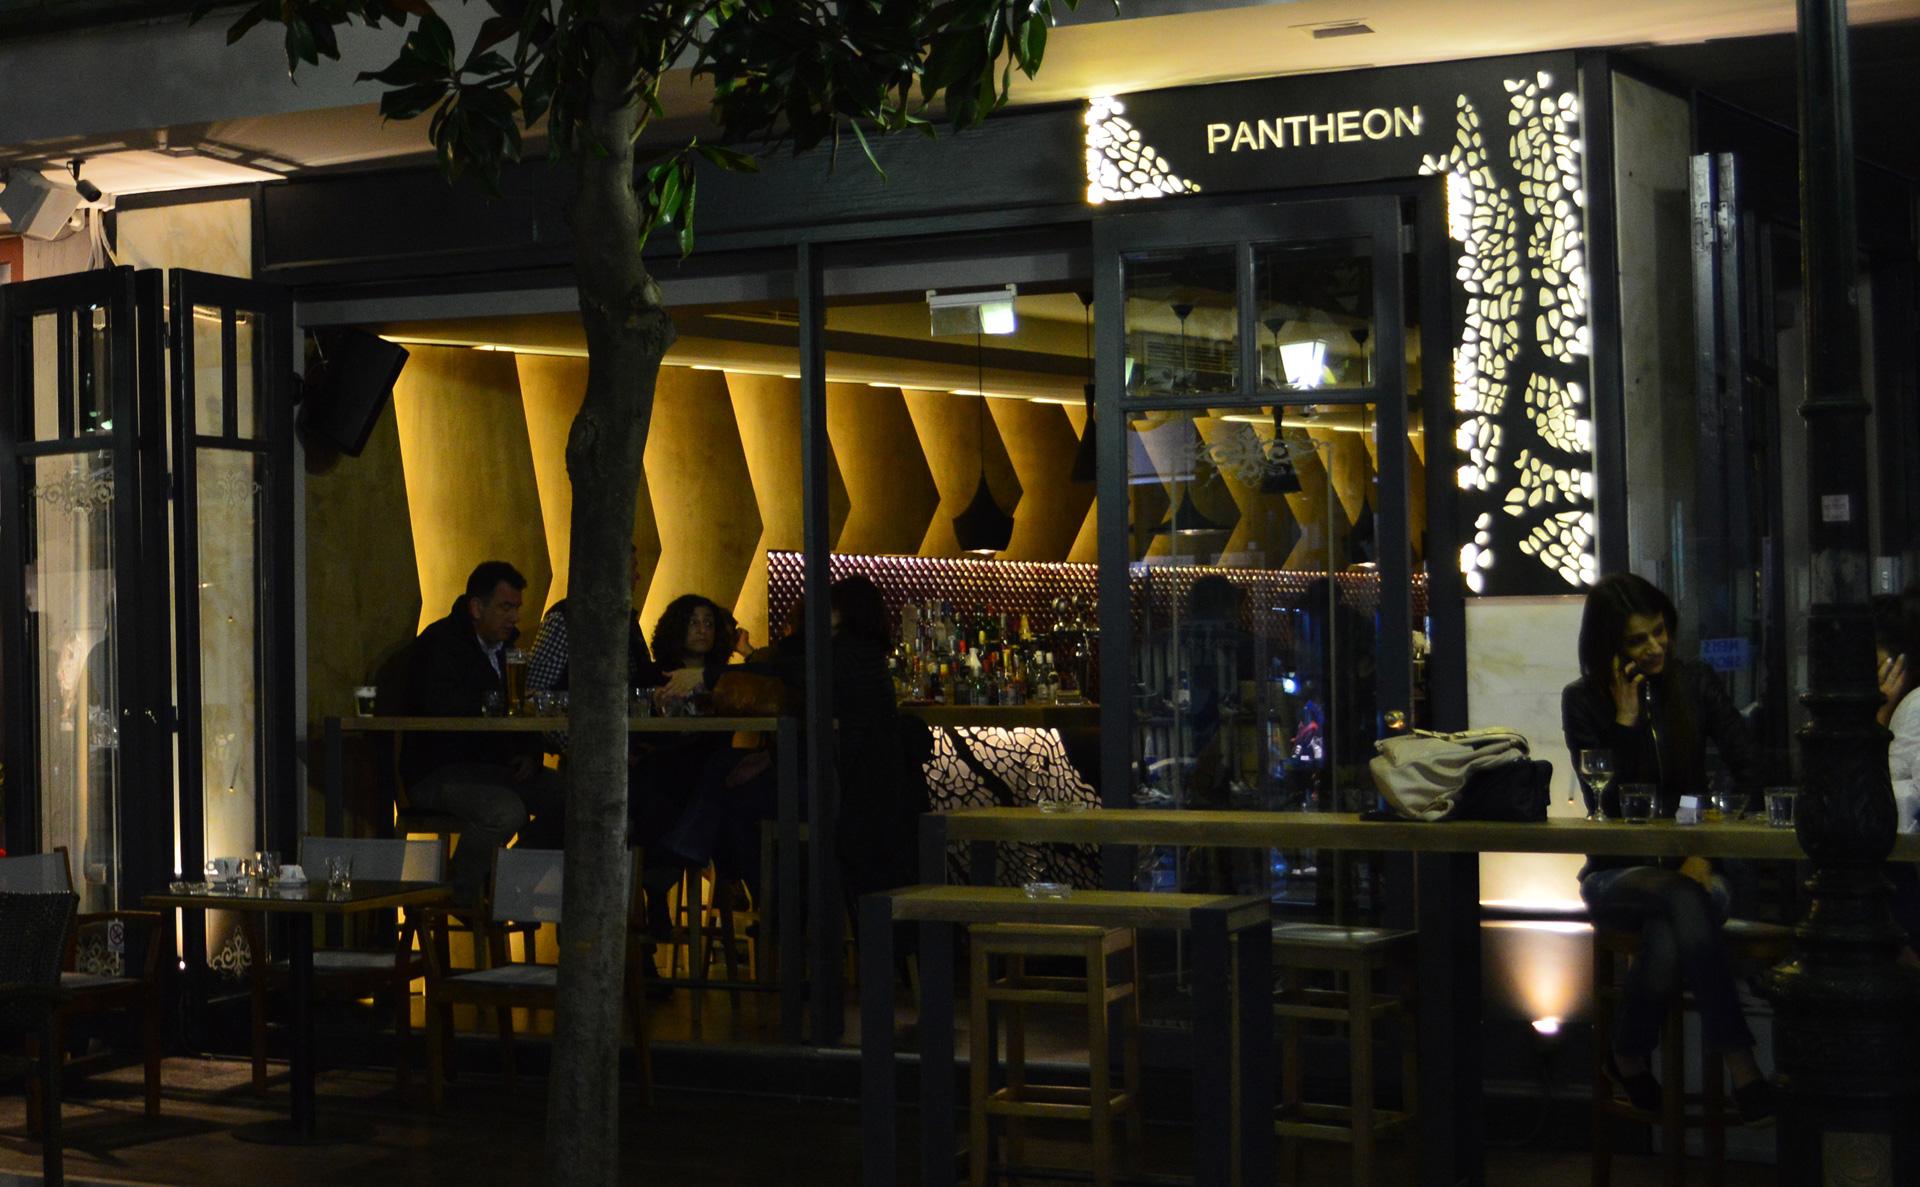 Pantheon_18